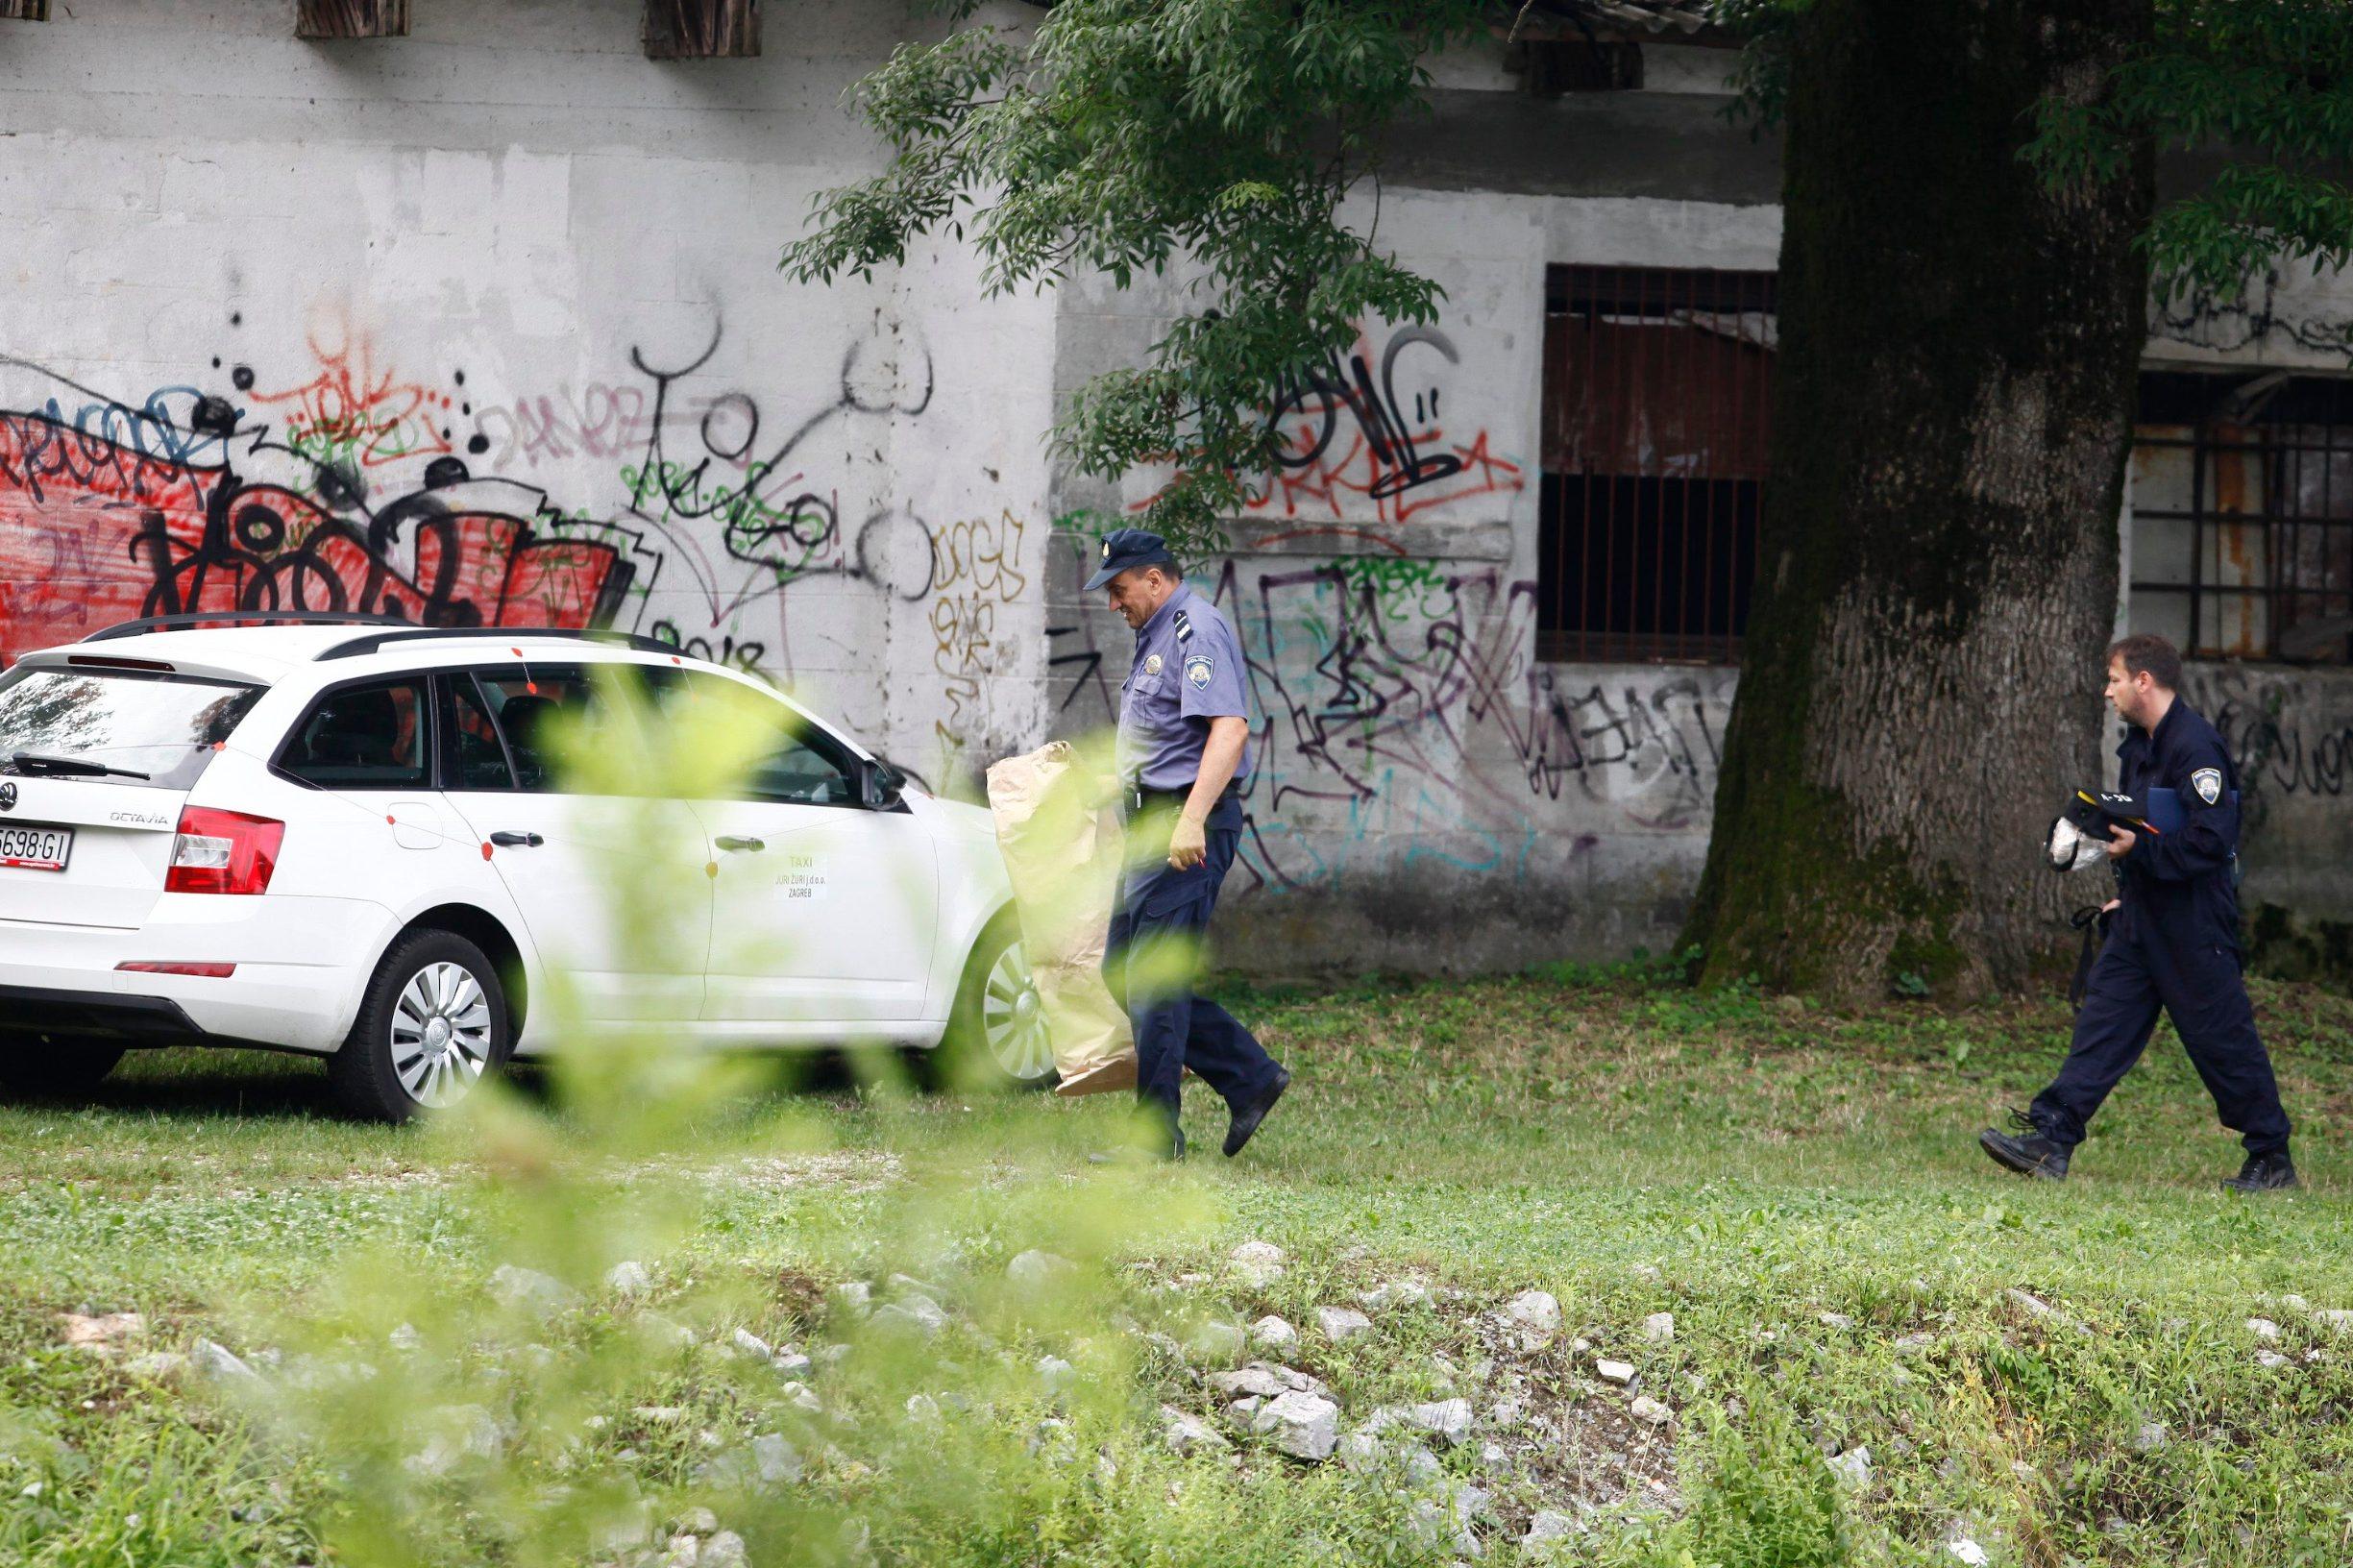 Zagreb, 020819. Policijski ocevid u Brezovici na mjestu gdje je sesterostruki ubojica pocinio ubojstvo prilikom uhicenja. Foto: Zeljko Puhovski / CROPIX